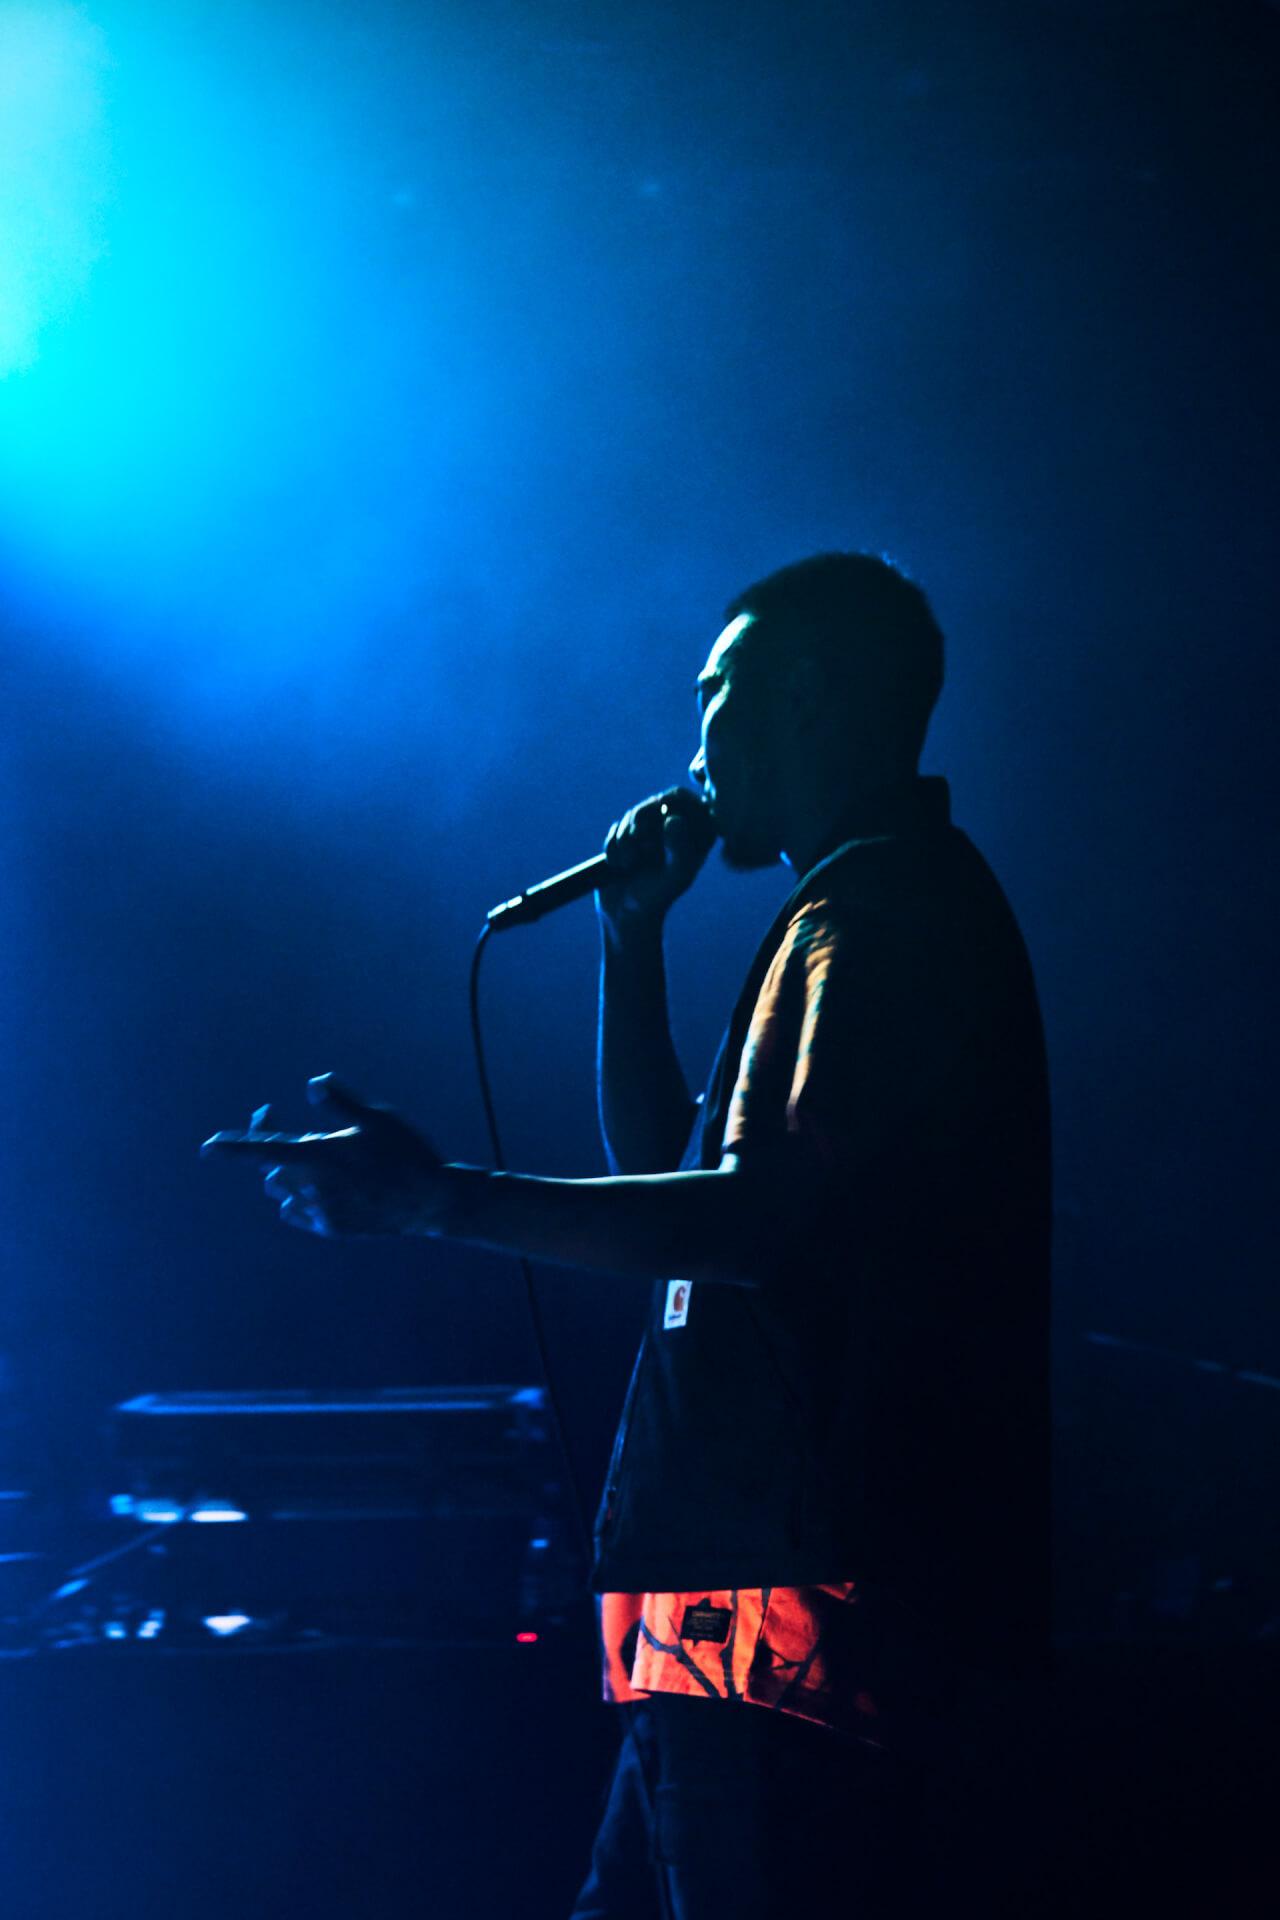 """ライブツアーを開催する田我流&B.I.G.JOEによる新曲""""マイペース""""がリリース決定!ビートはDJ SCRATCH NICE music201001_dengaryu_bigjoe_3"""